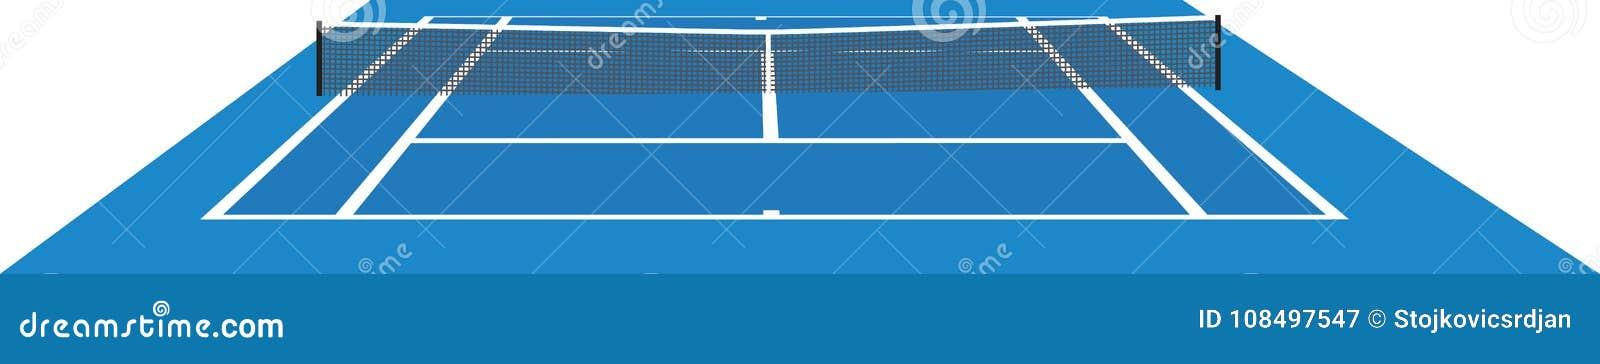 Błękitny dworski tenis